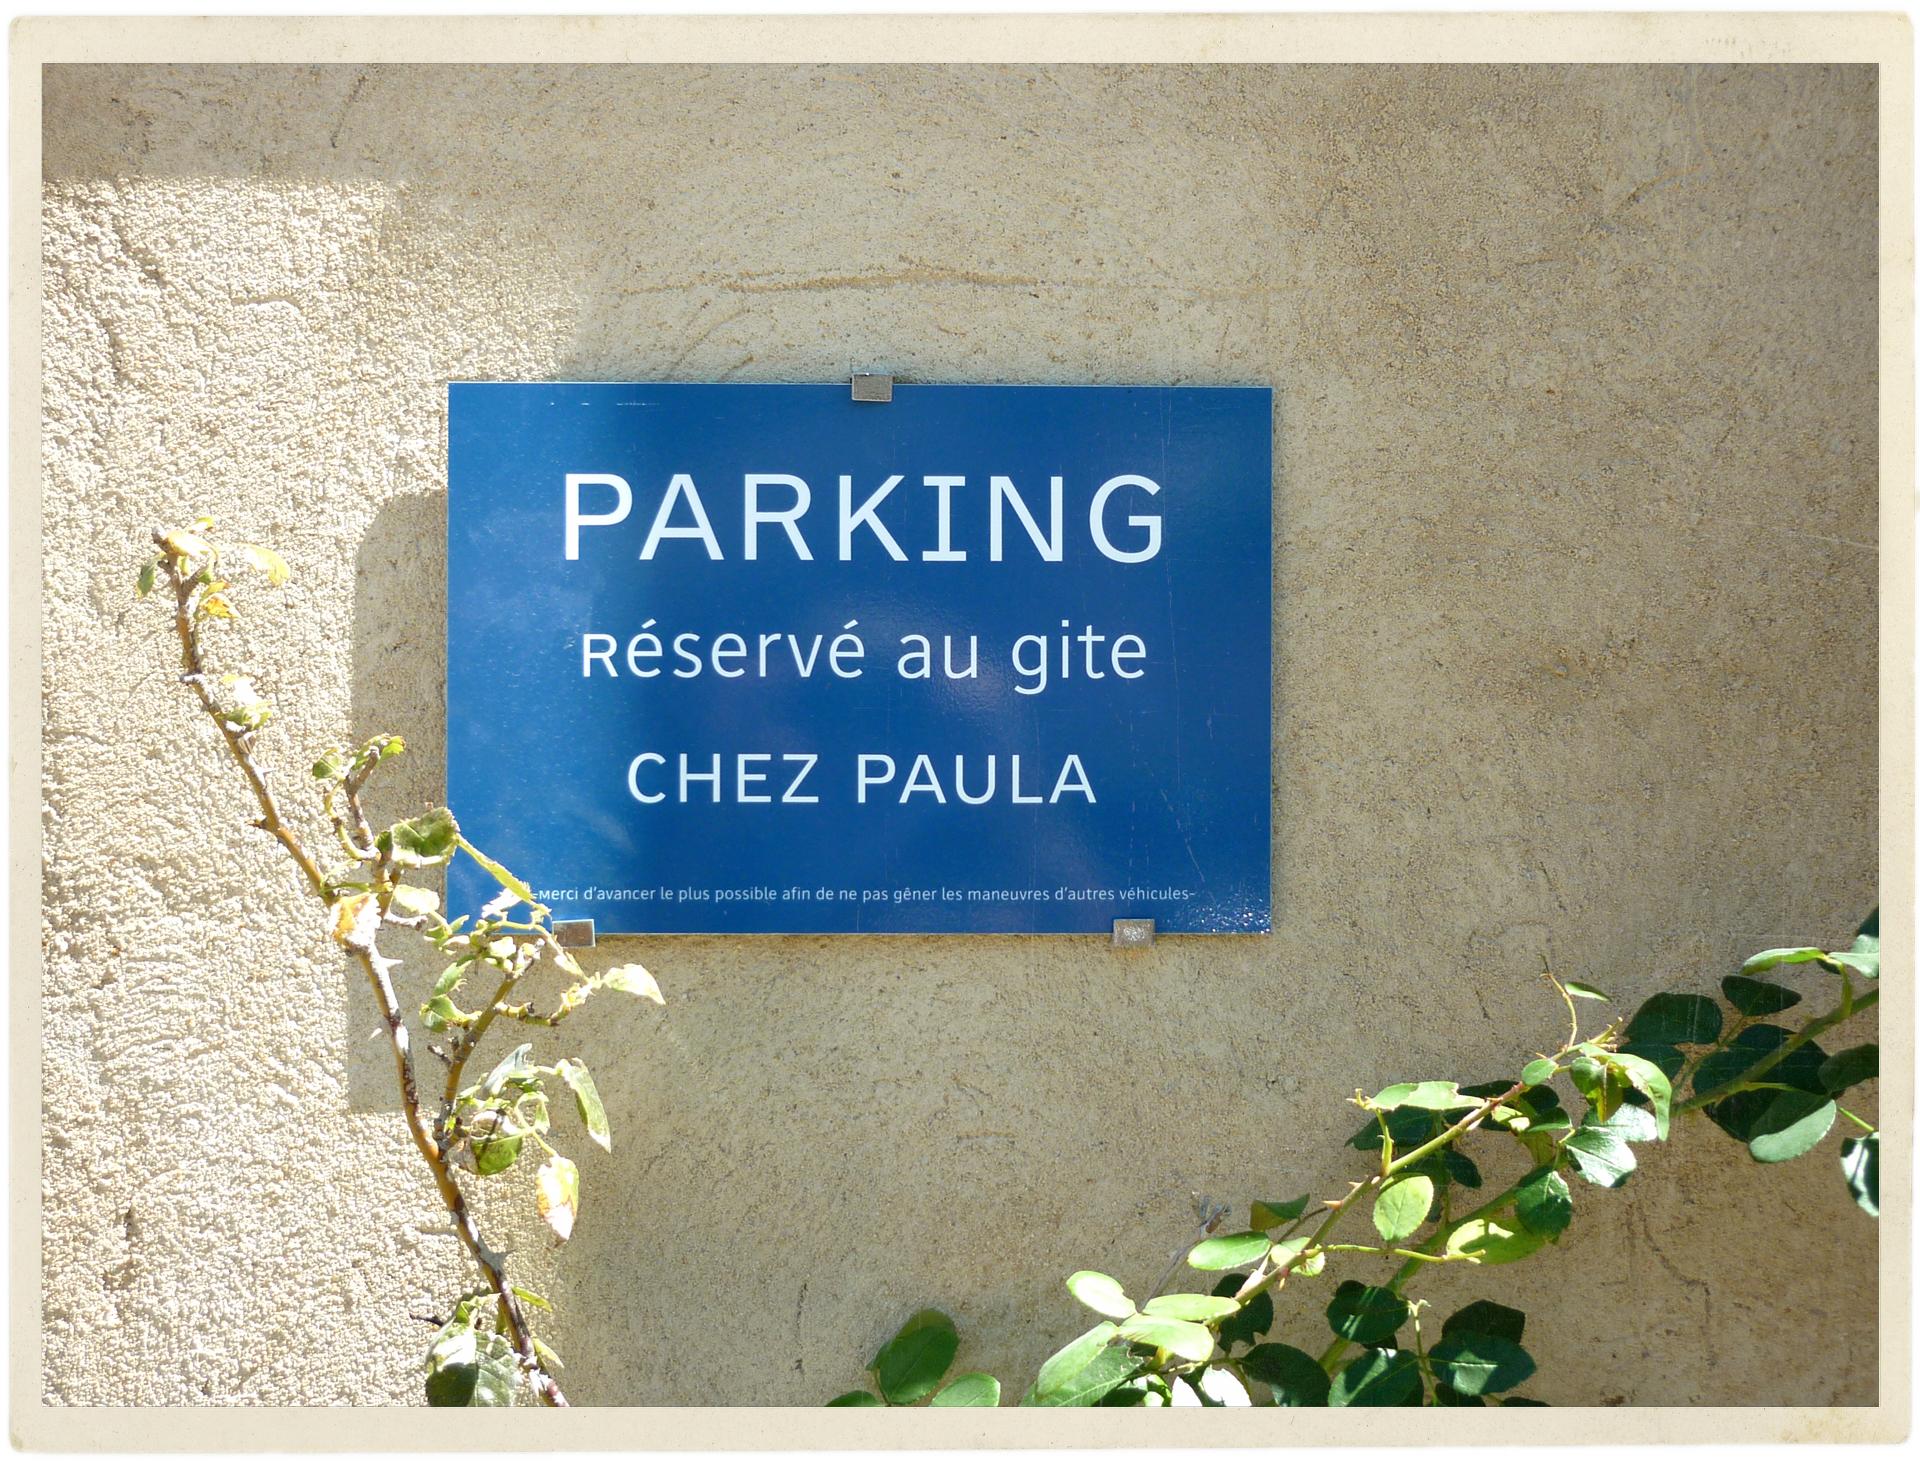 I have arrived, I have my own parking!